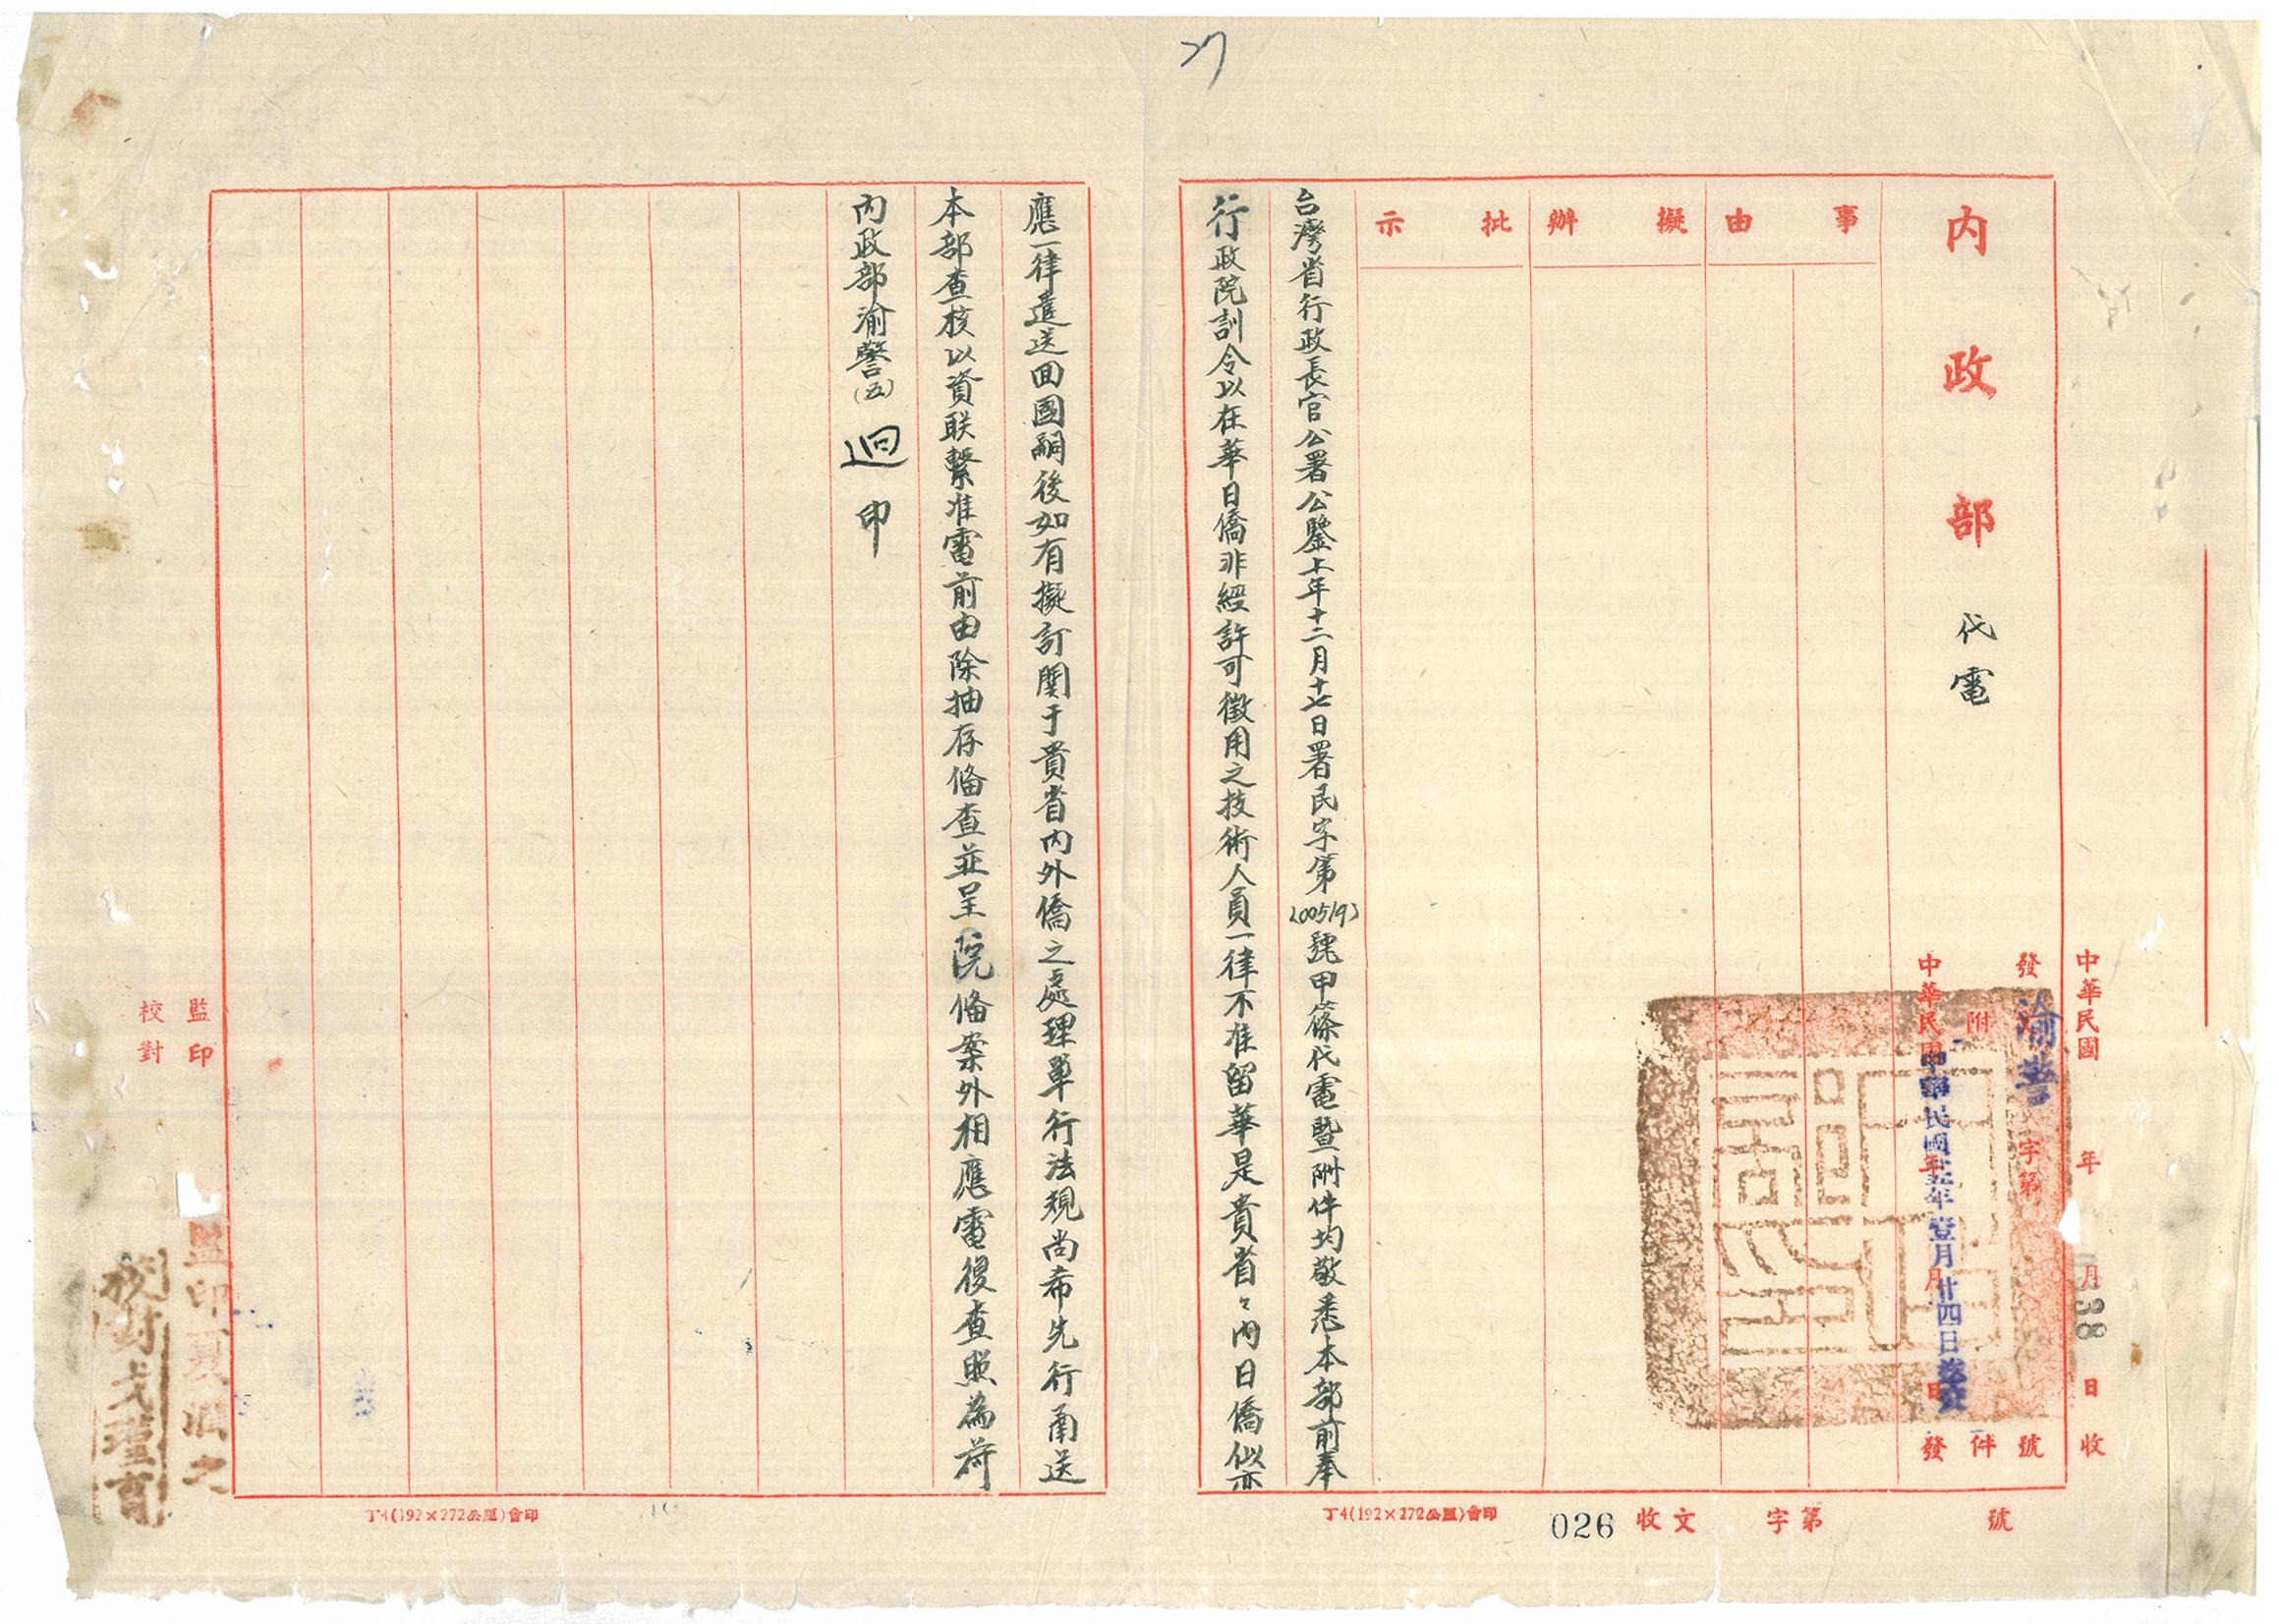 圖1:在華日僑非經許可一律不准留華(臺灣省行政長官公署檔案00302100009004)